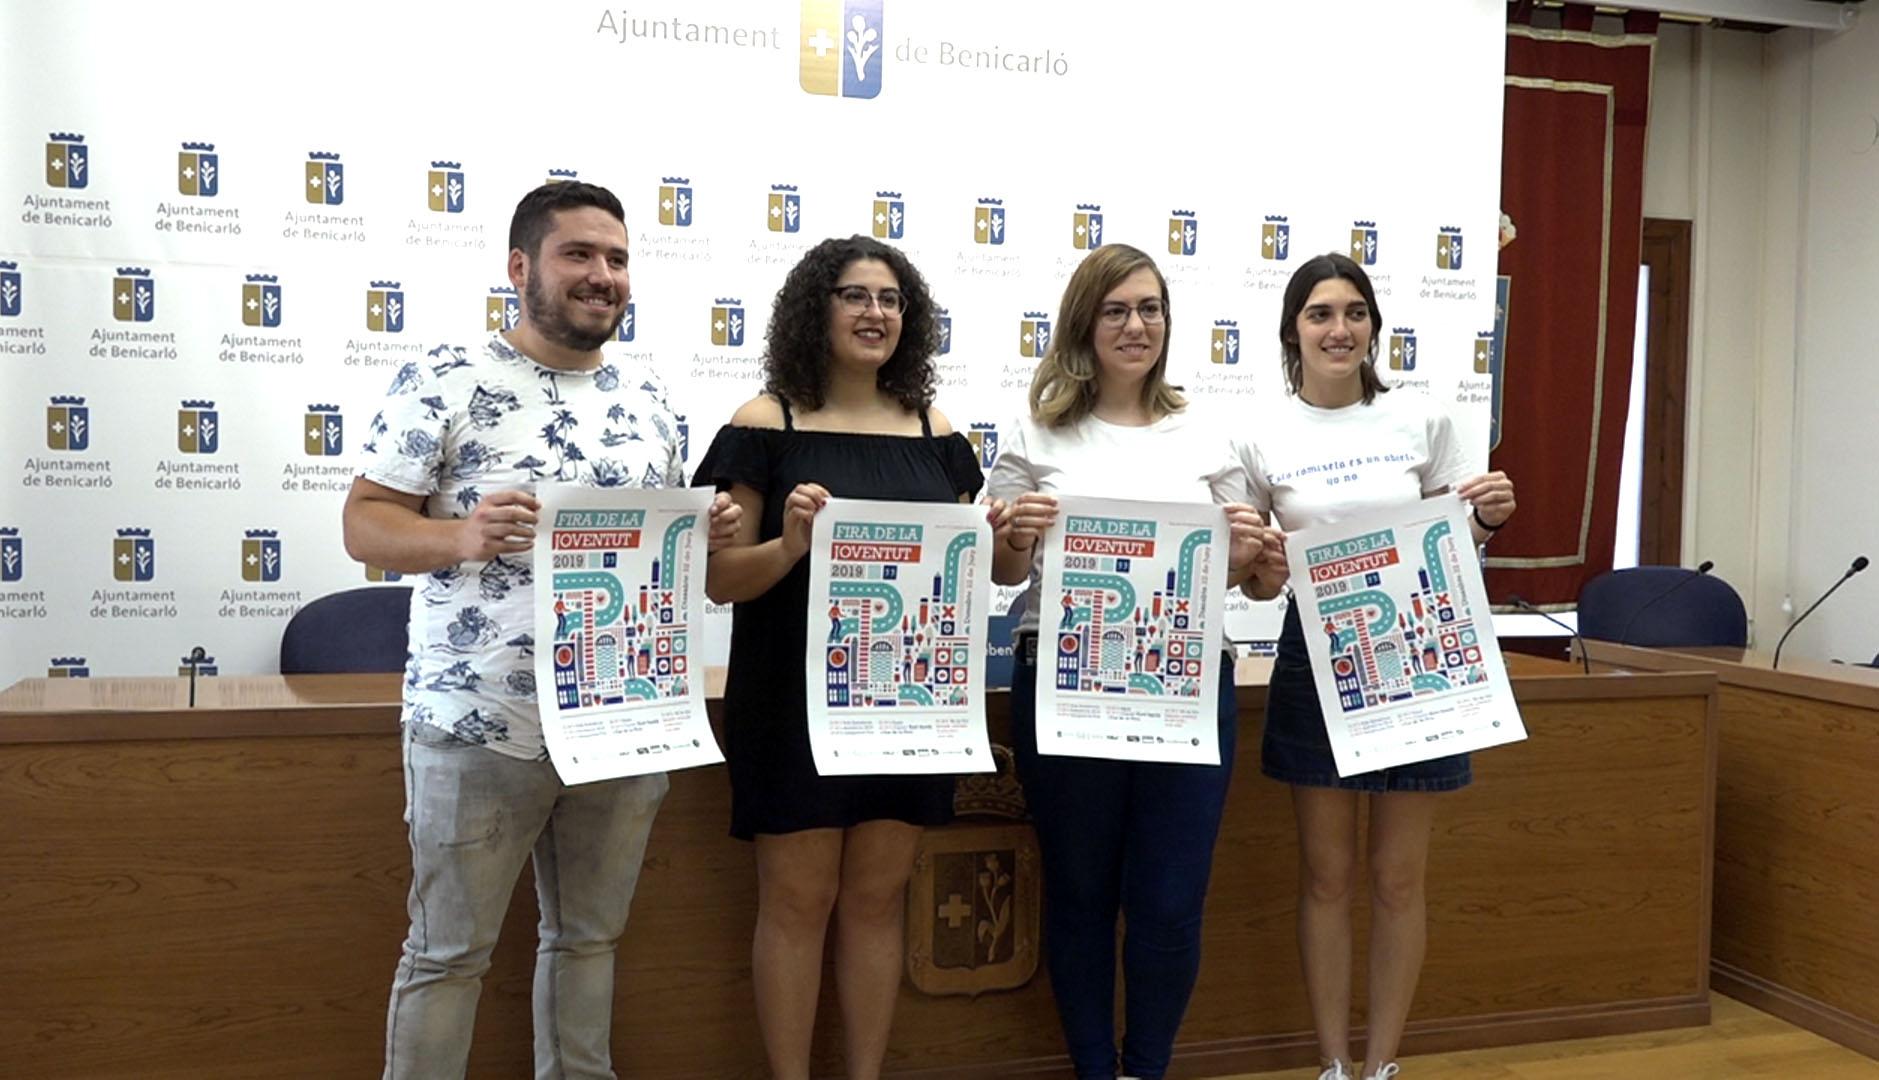 Benicarló, la Fira de la Joventut comptarà amb l'actuació de Xavier Sarrià i la cursa dels Autos Locos